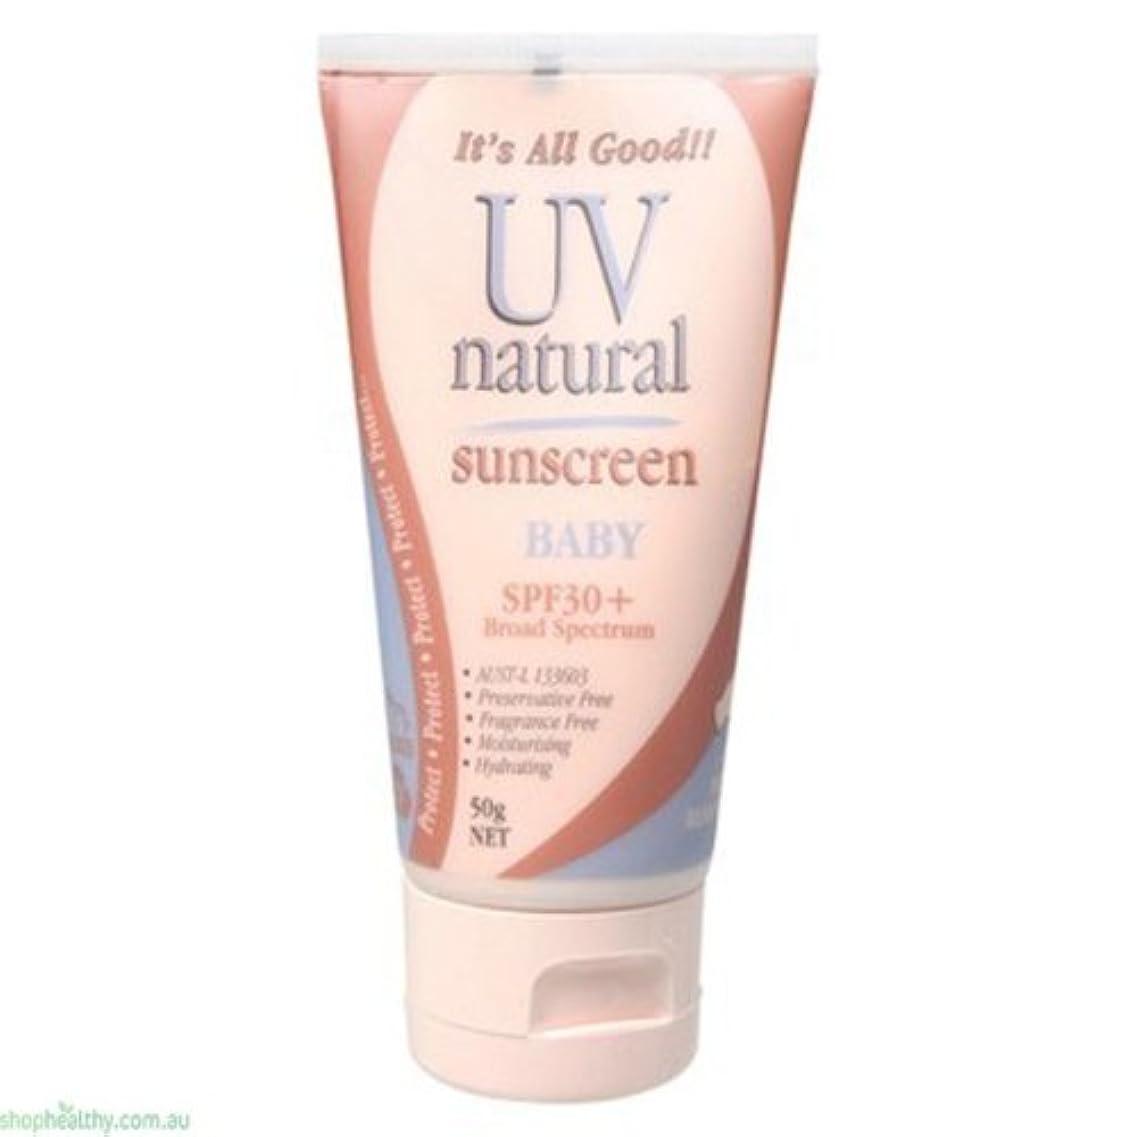 電話をかけるブレーキタイト【UV NATURAL】Baby 日焼け止め Natural SPF30+ 50g 3本セット